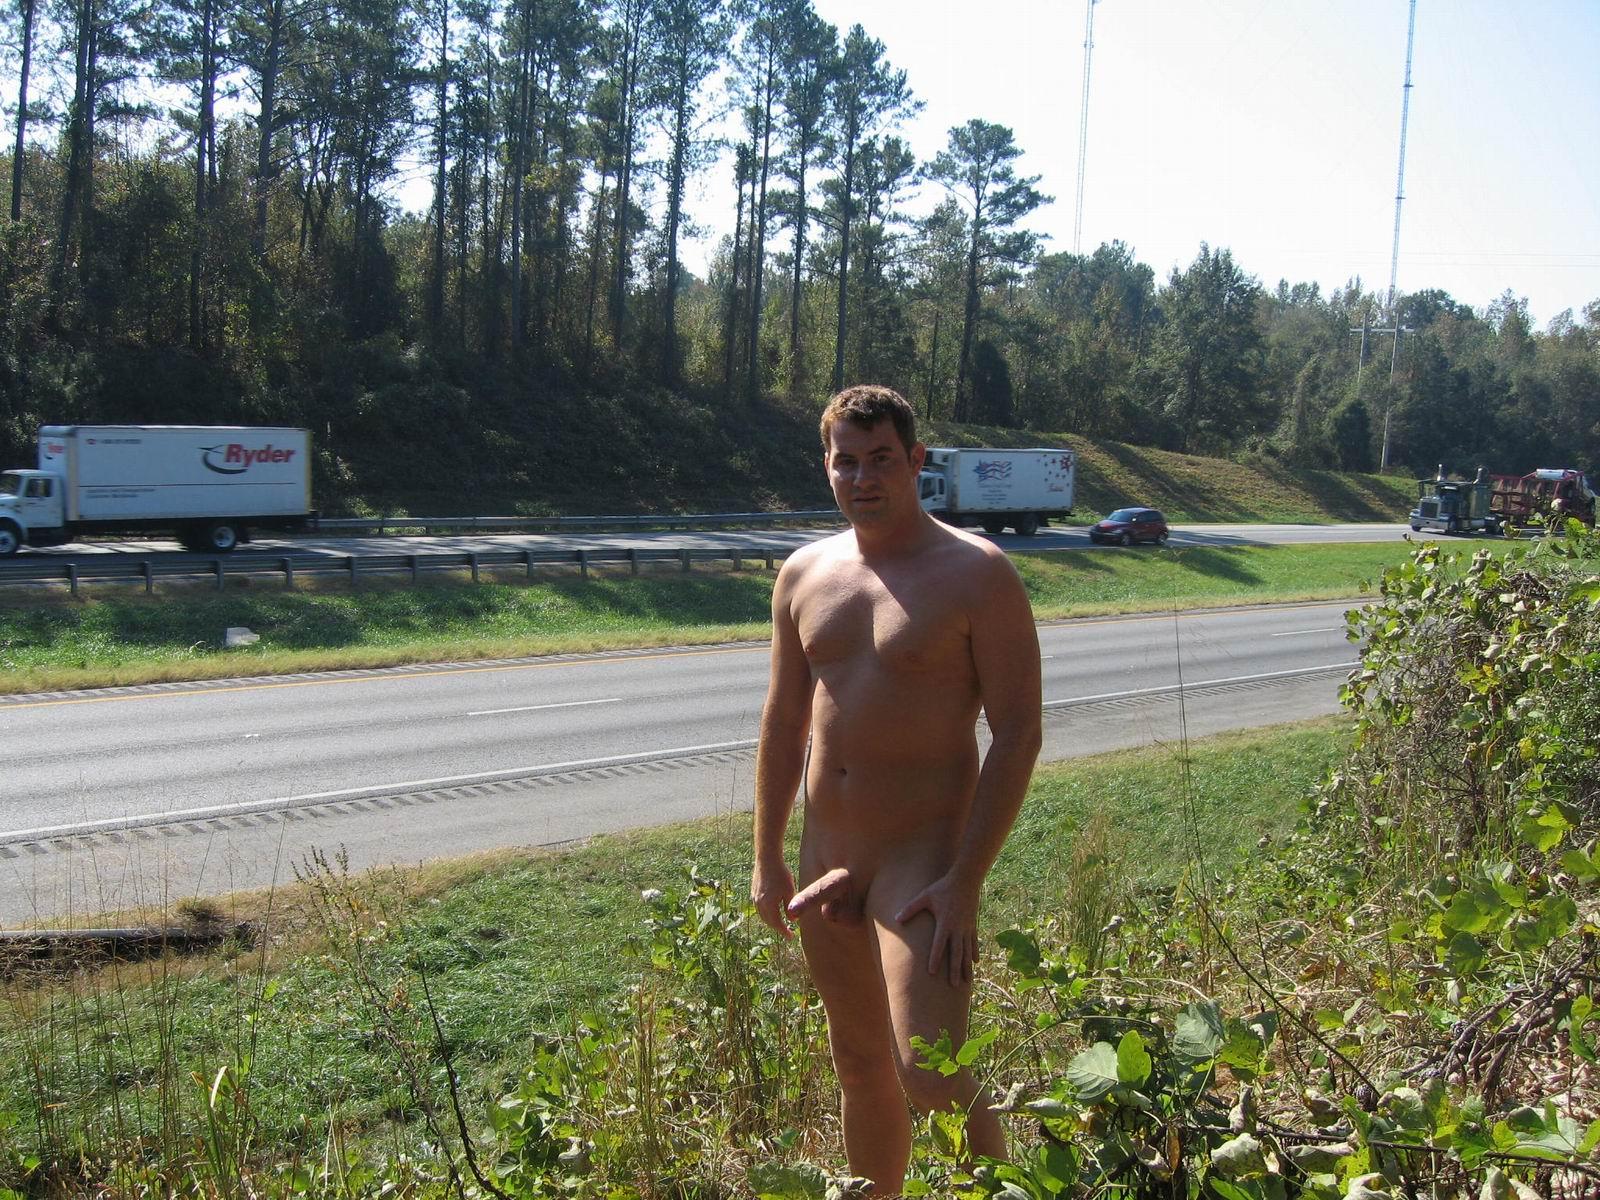 norske nakne damer escort girls denmark